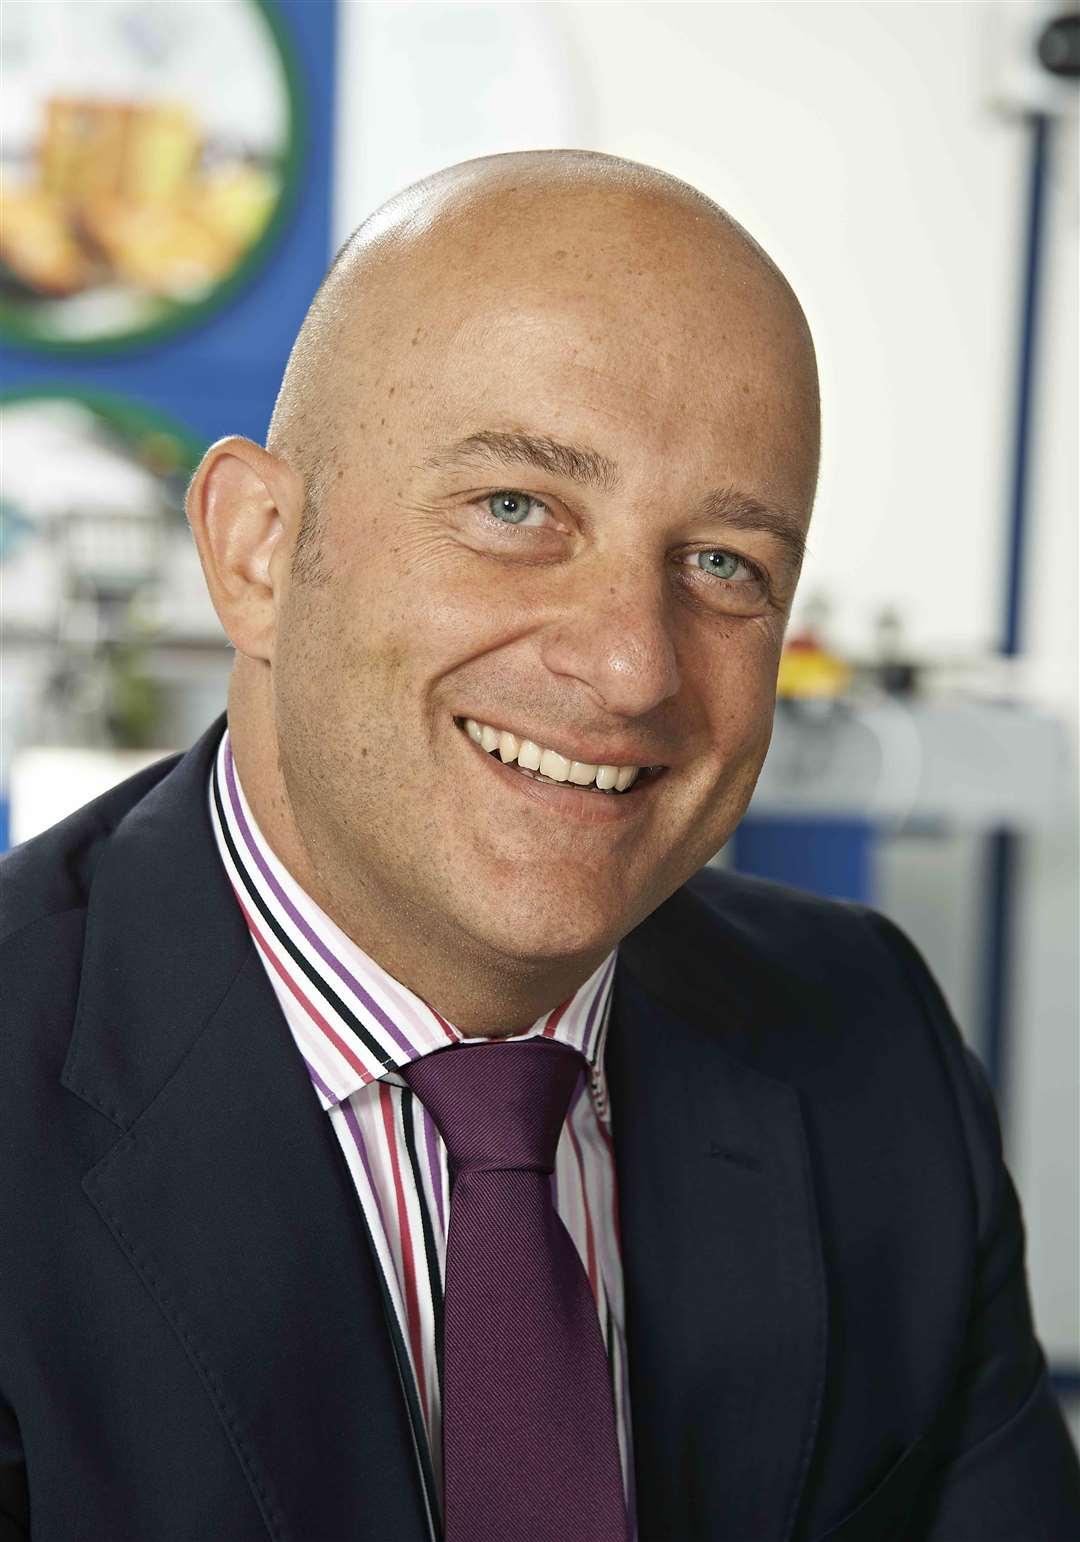 Барт Ванстенкисти, директор по развитию бизнеса, глобальный сектор наук о жизни, Domino